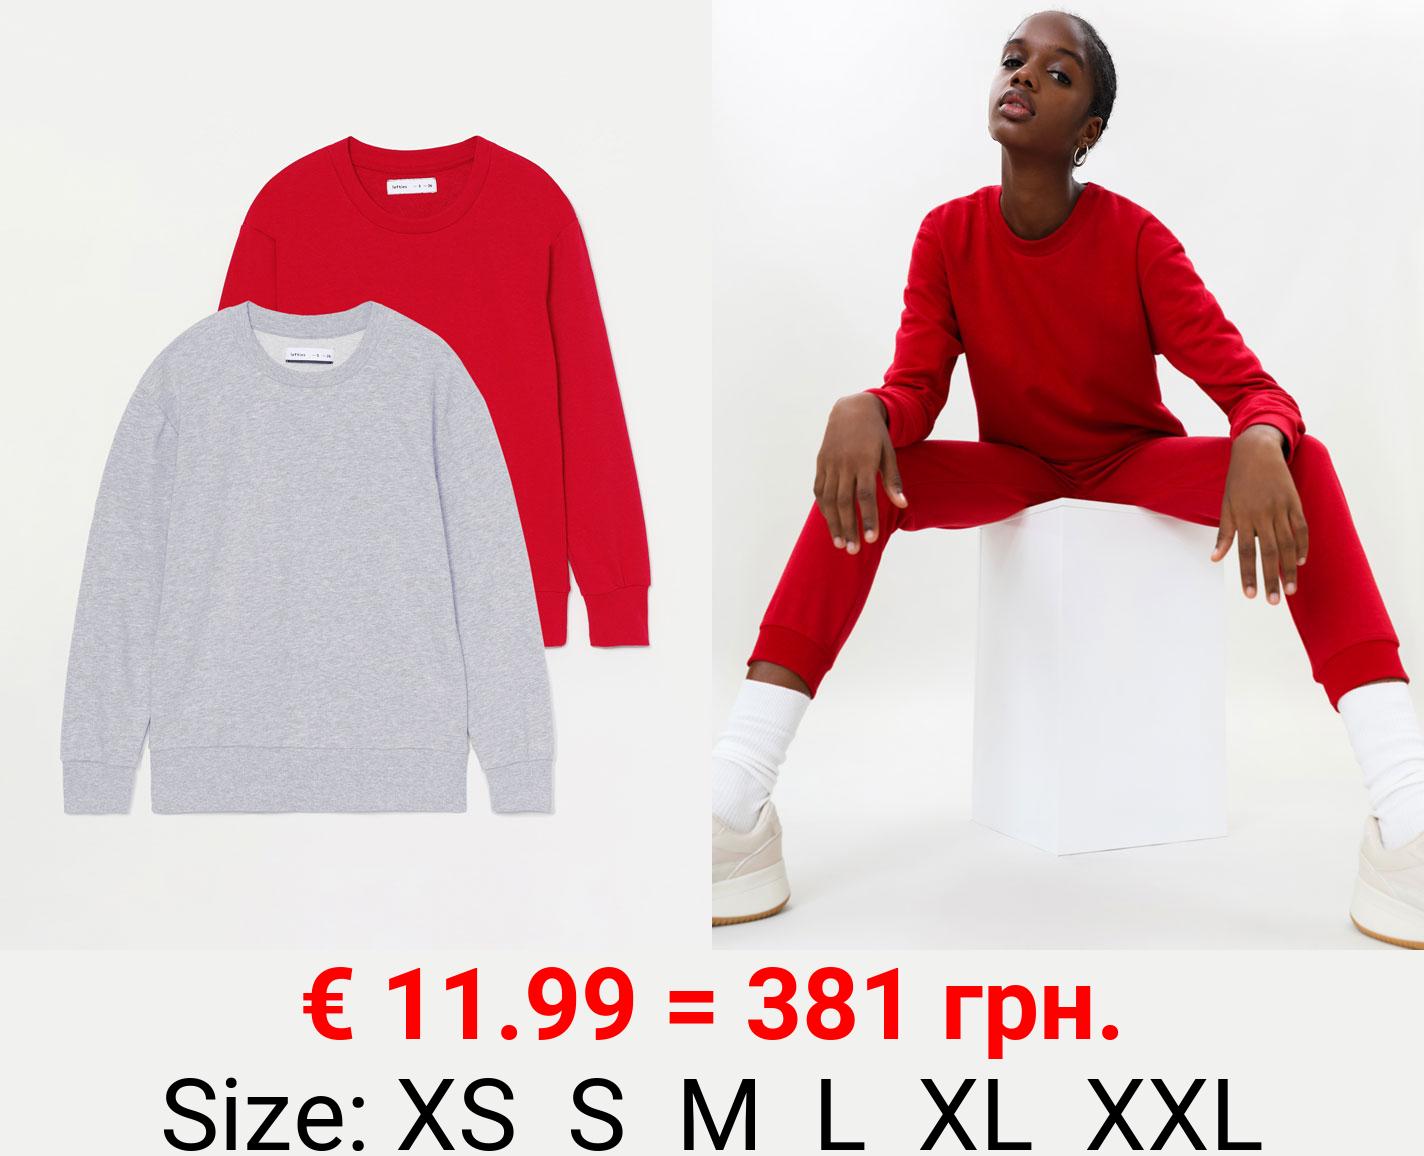 Pack of 2 basic tracksuit sweatshirts